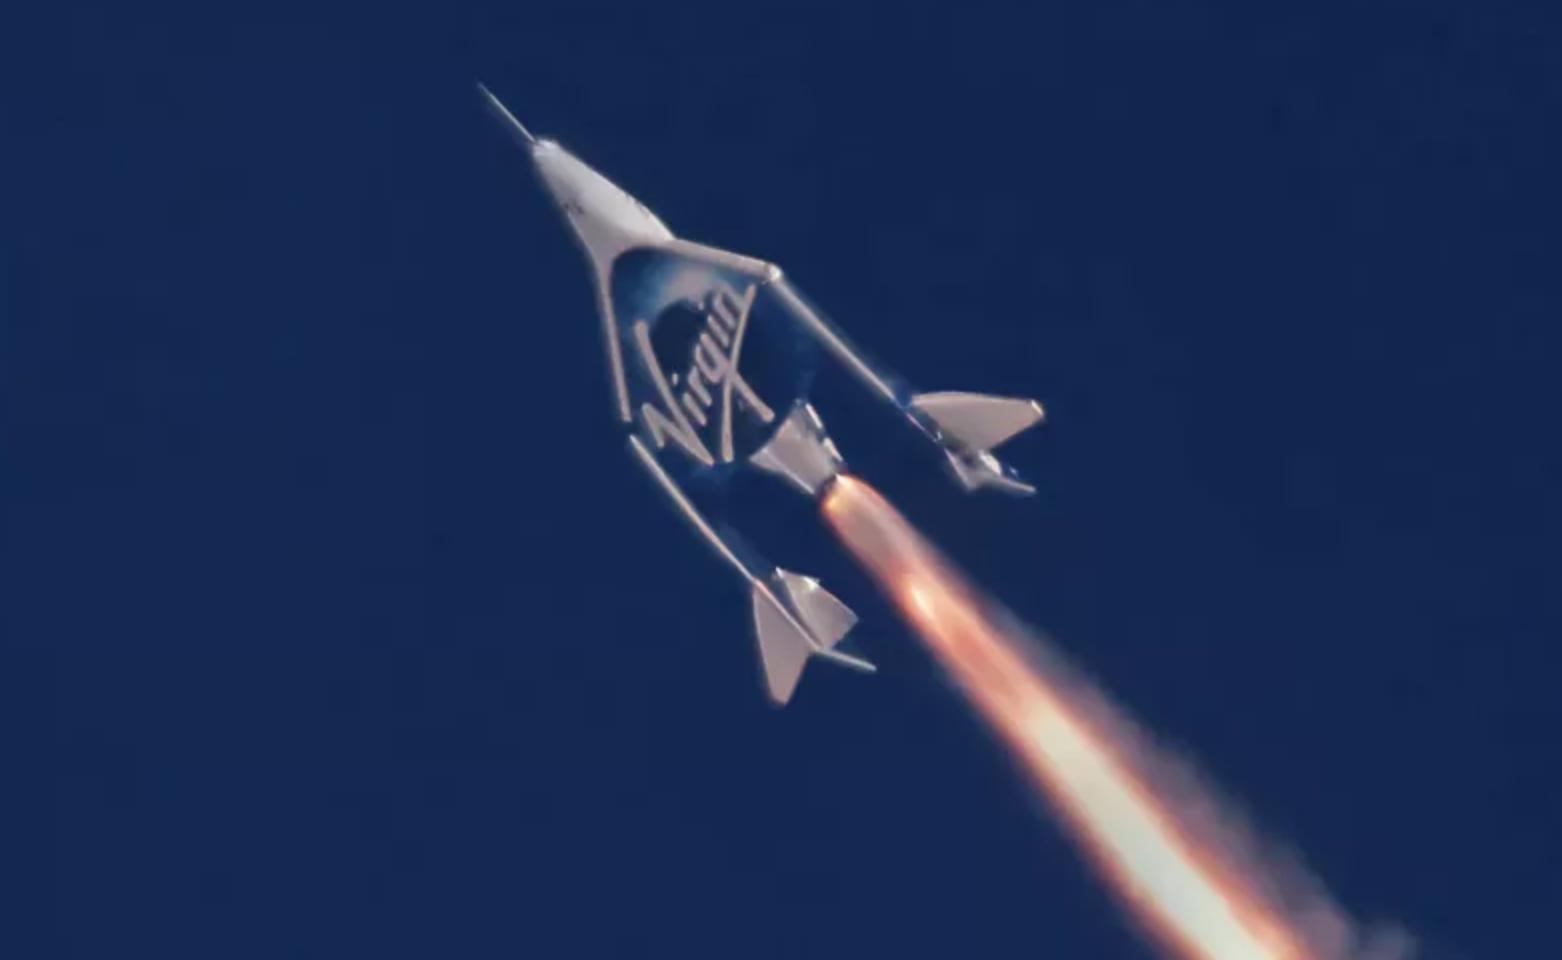 Virgin Galactic acaba de hacer un lanzamiento de prueba de su avión espacial